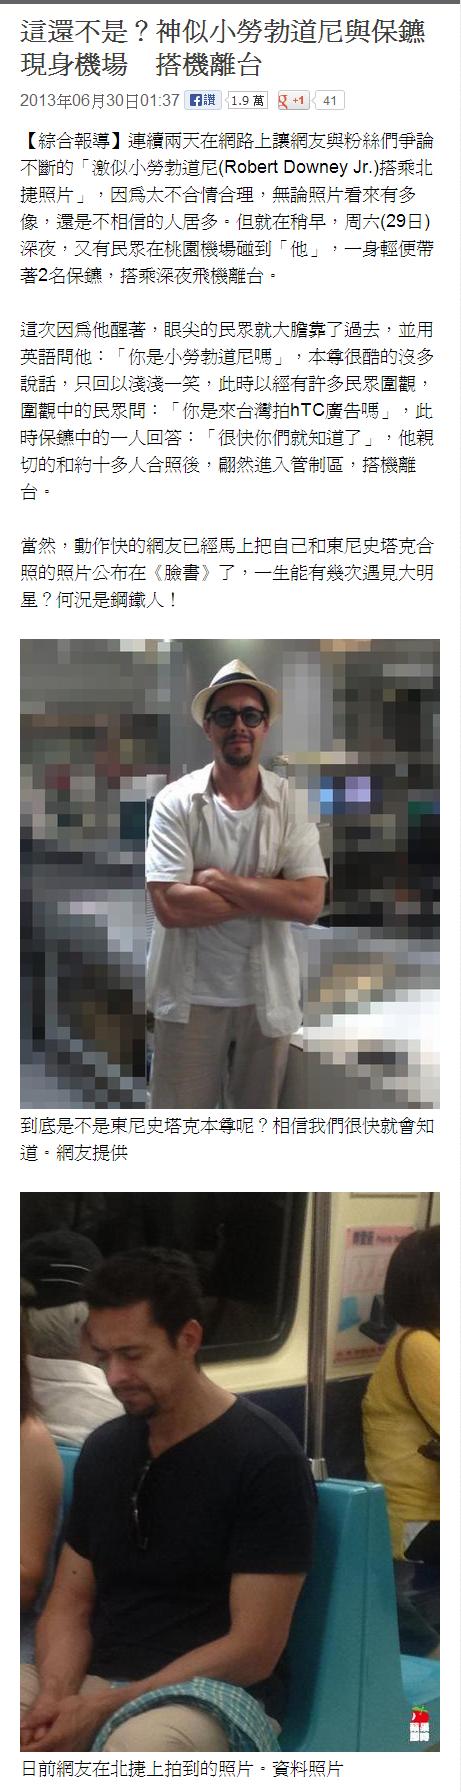 is Robert Downey Jr in TAIWAN?